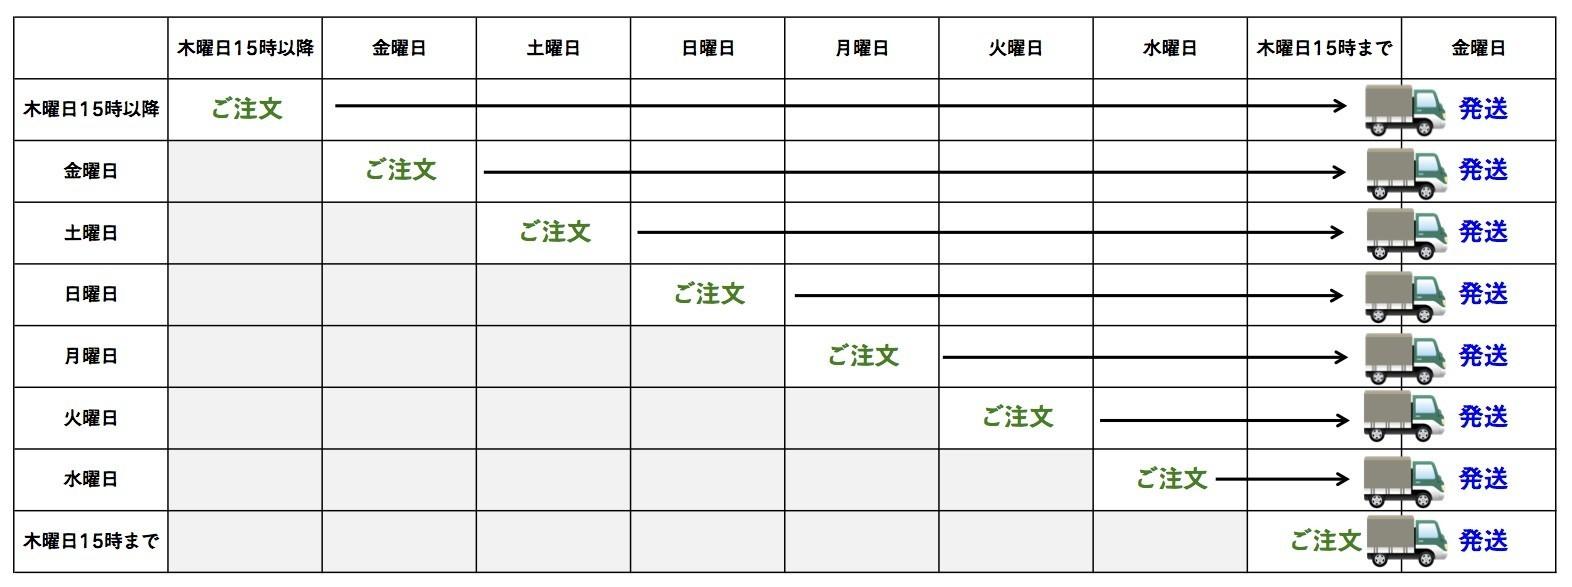 【Rez Infinite】ピンバッジ(Level 03 Player Form) - 画像3